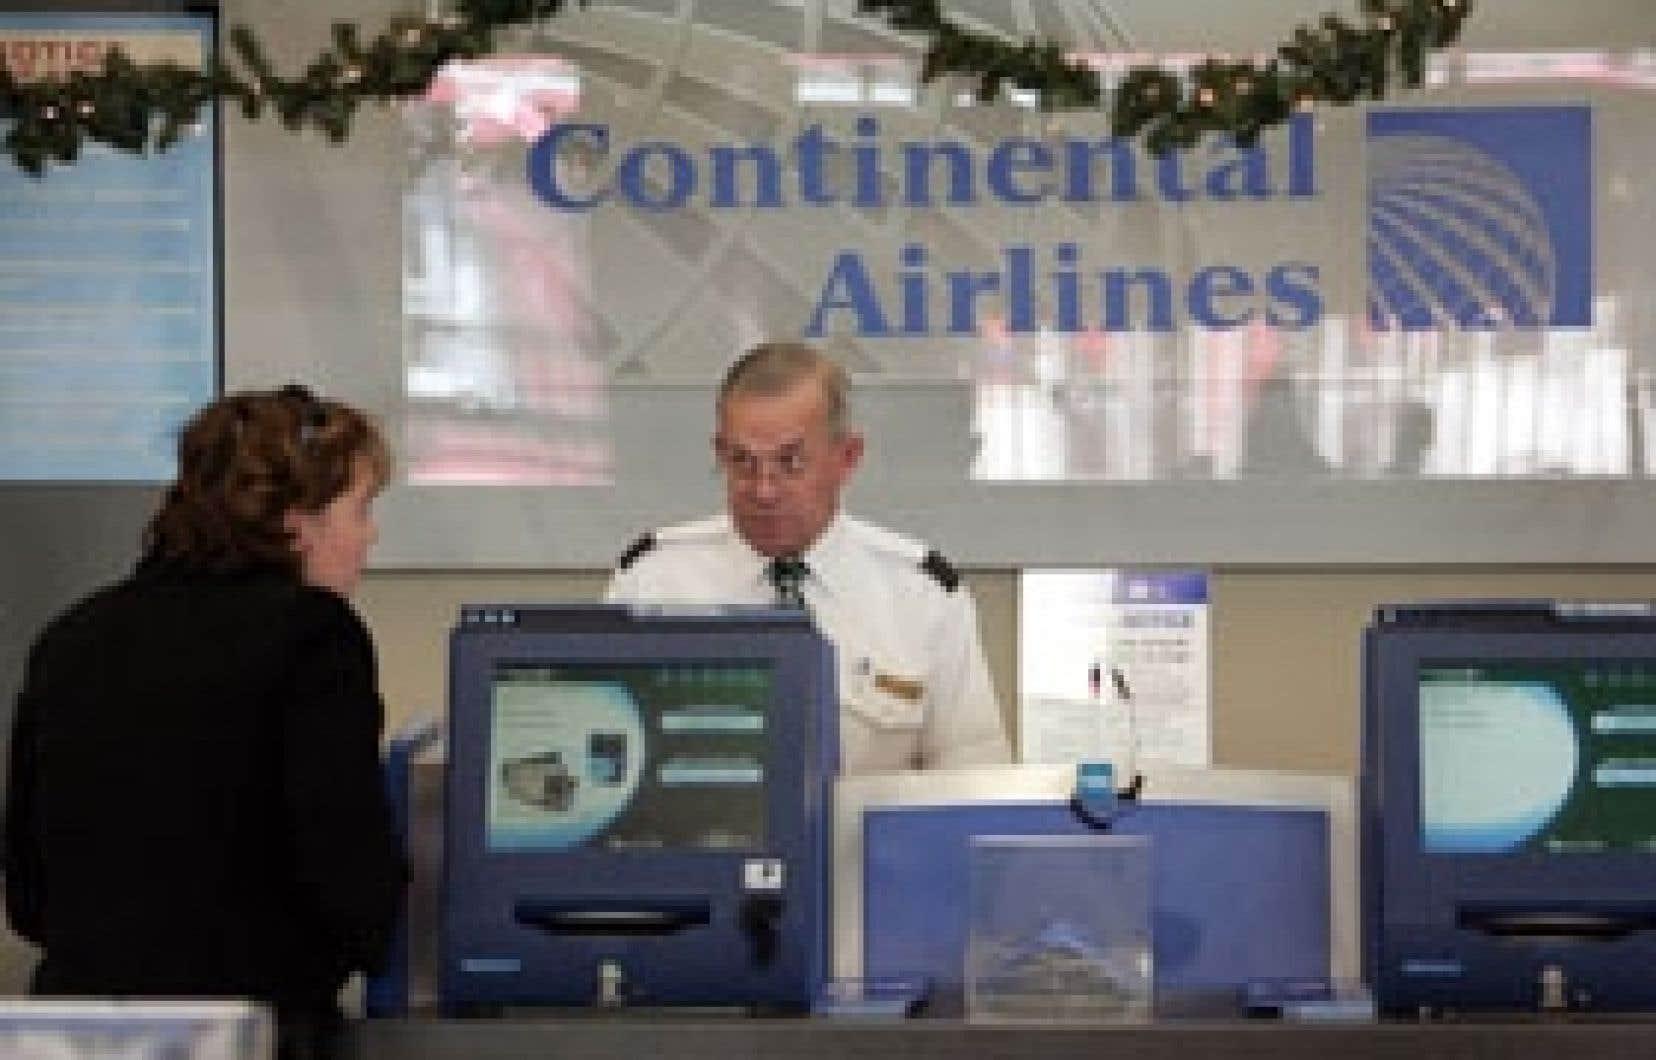 Selon plusieurs analystes, le secteur aérien est mûr pour une consolidation. En plus des discussions entre Continental et US Airways, la compagnie AirTran Airways a annoncé hier avoir fait une offre inamicale de rachat sur sa concurrente Midwest Airli